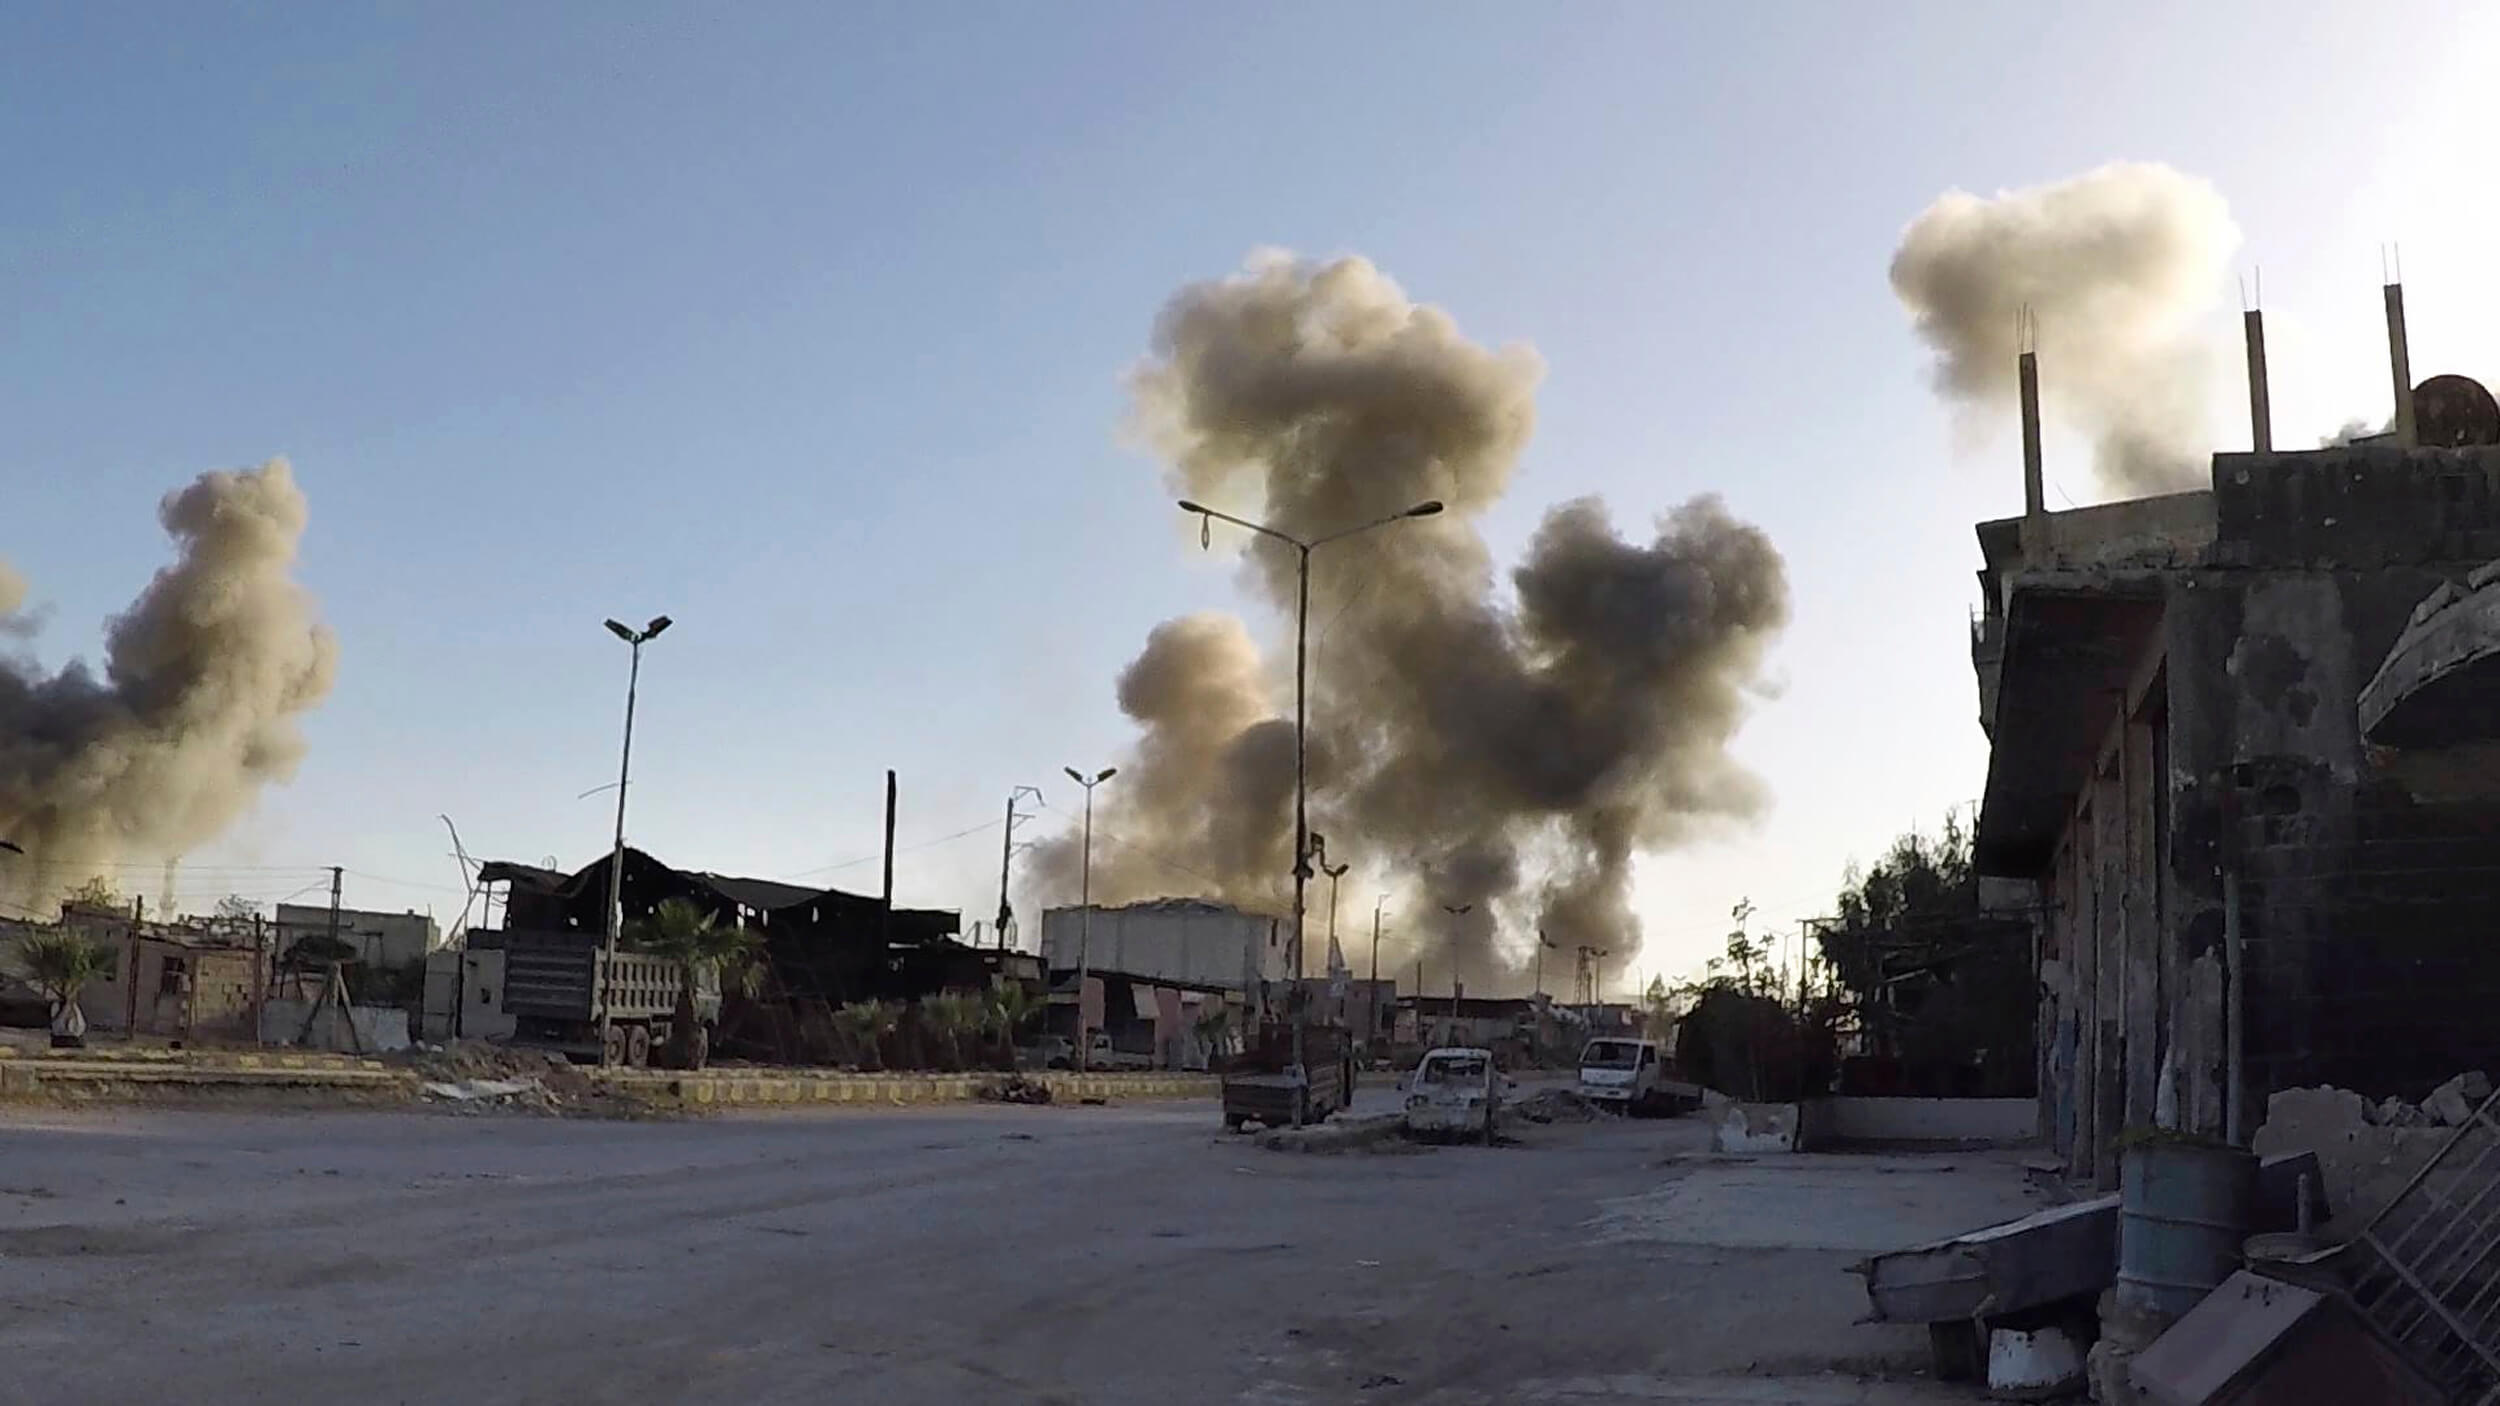 Comienza investigación sobre presunto ataque químico en Siria